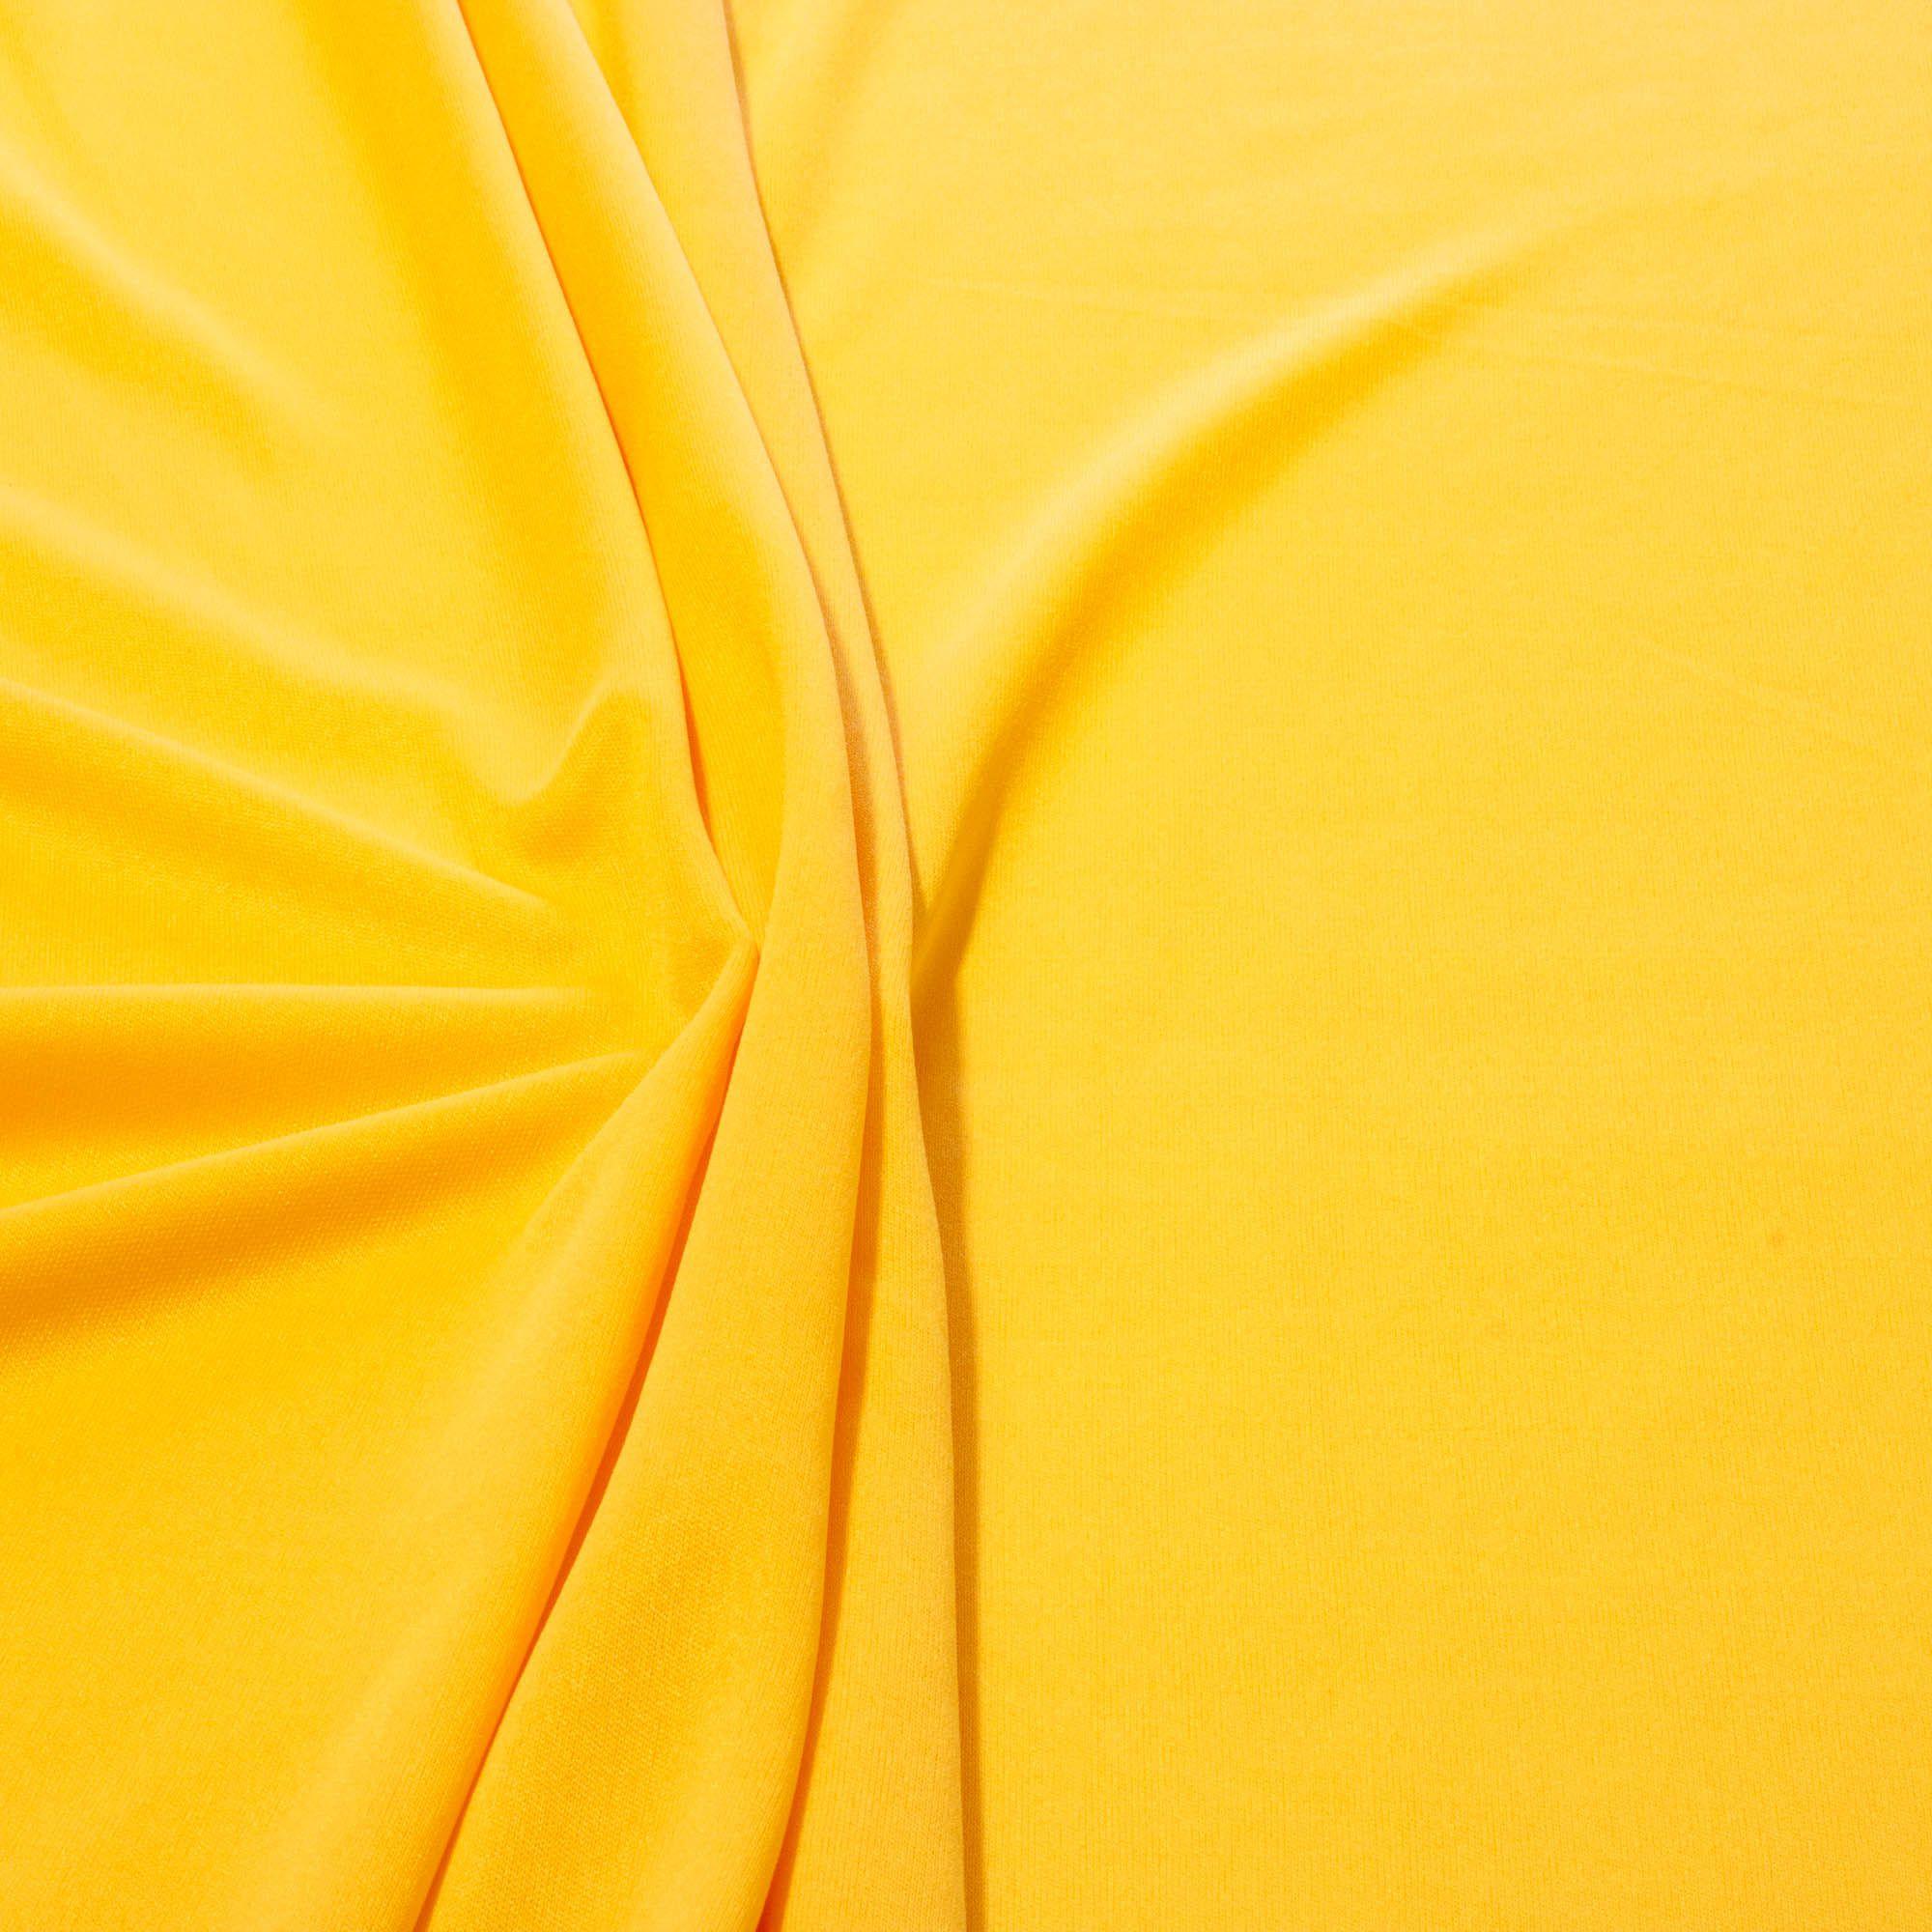 Tecido Malha Helanca Light Amarelo Ouro 100% Poliester 1,80 mt Largura